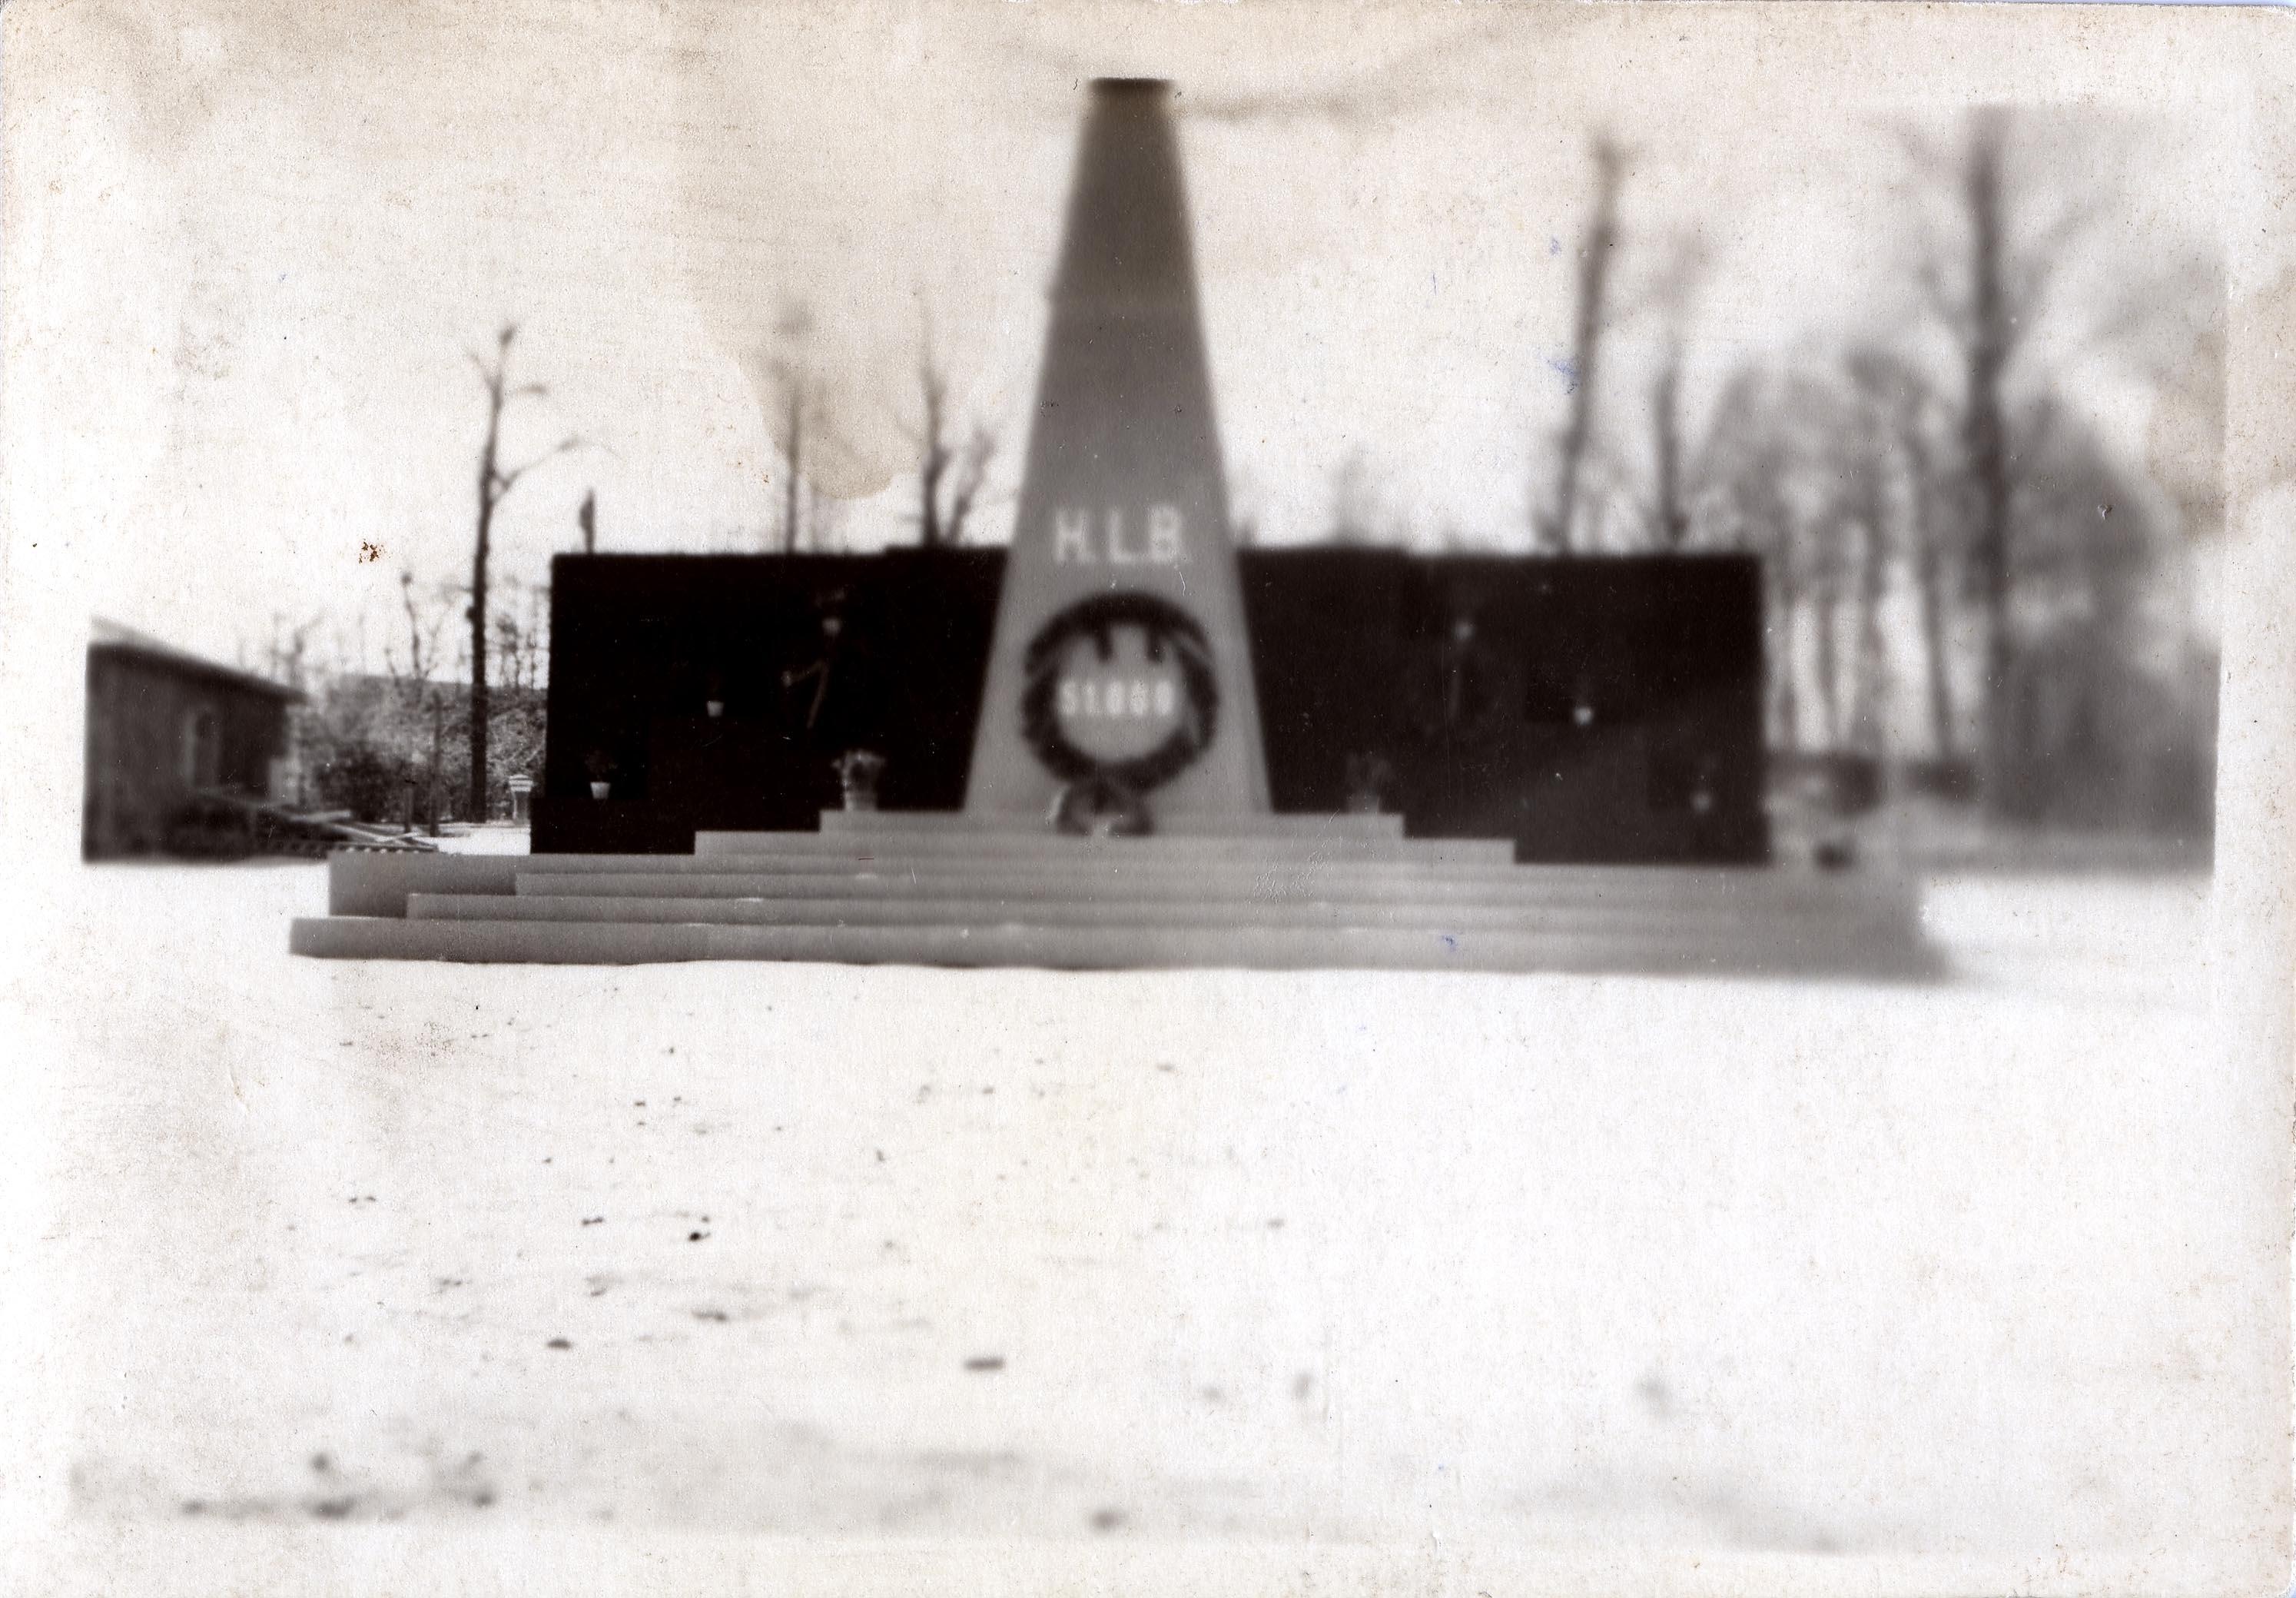 Buchenwald image 03, side 1